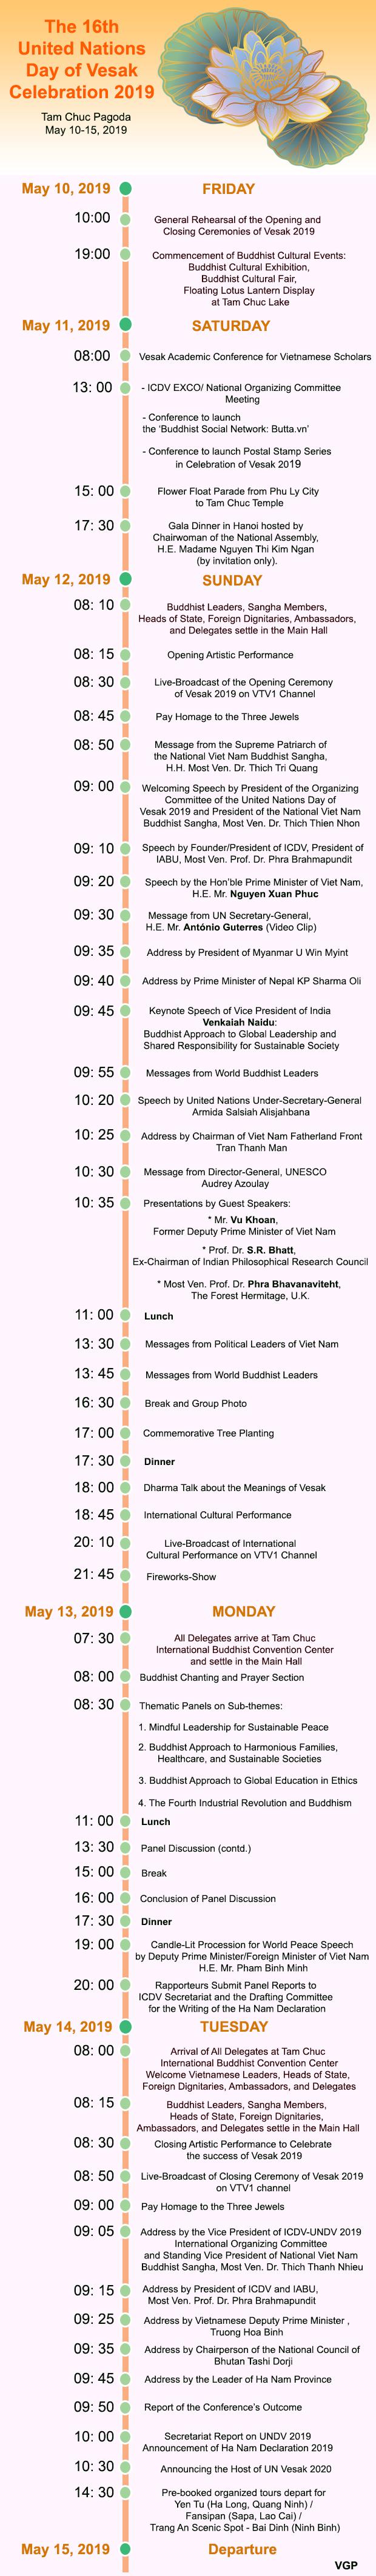 Program of UN Day of Vesak Celebration 2019